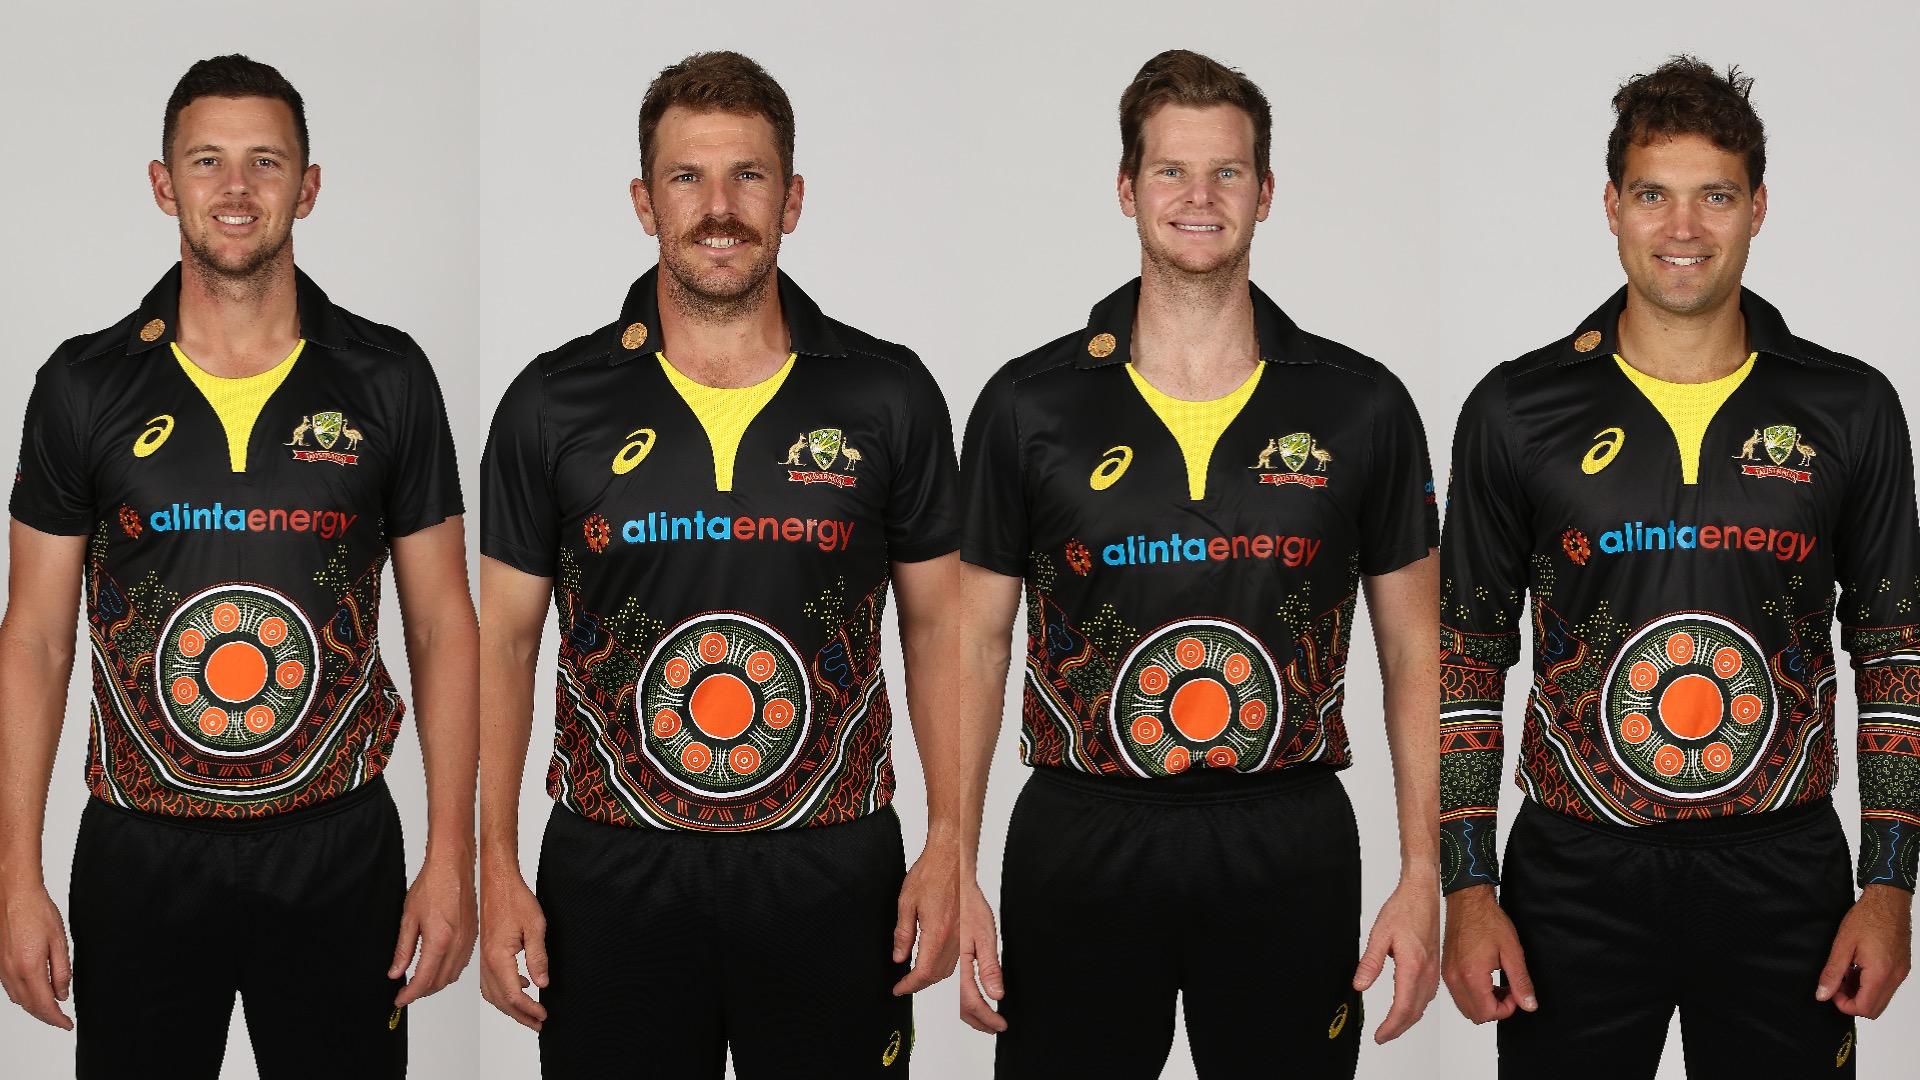 ऑस्ट्रेलियाई टीम के कॉलर पर सुनहरी कलाकृति क्यों बनी है